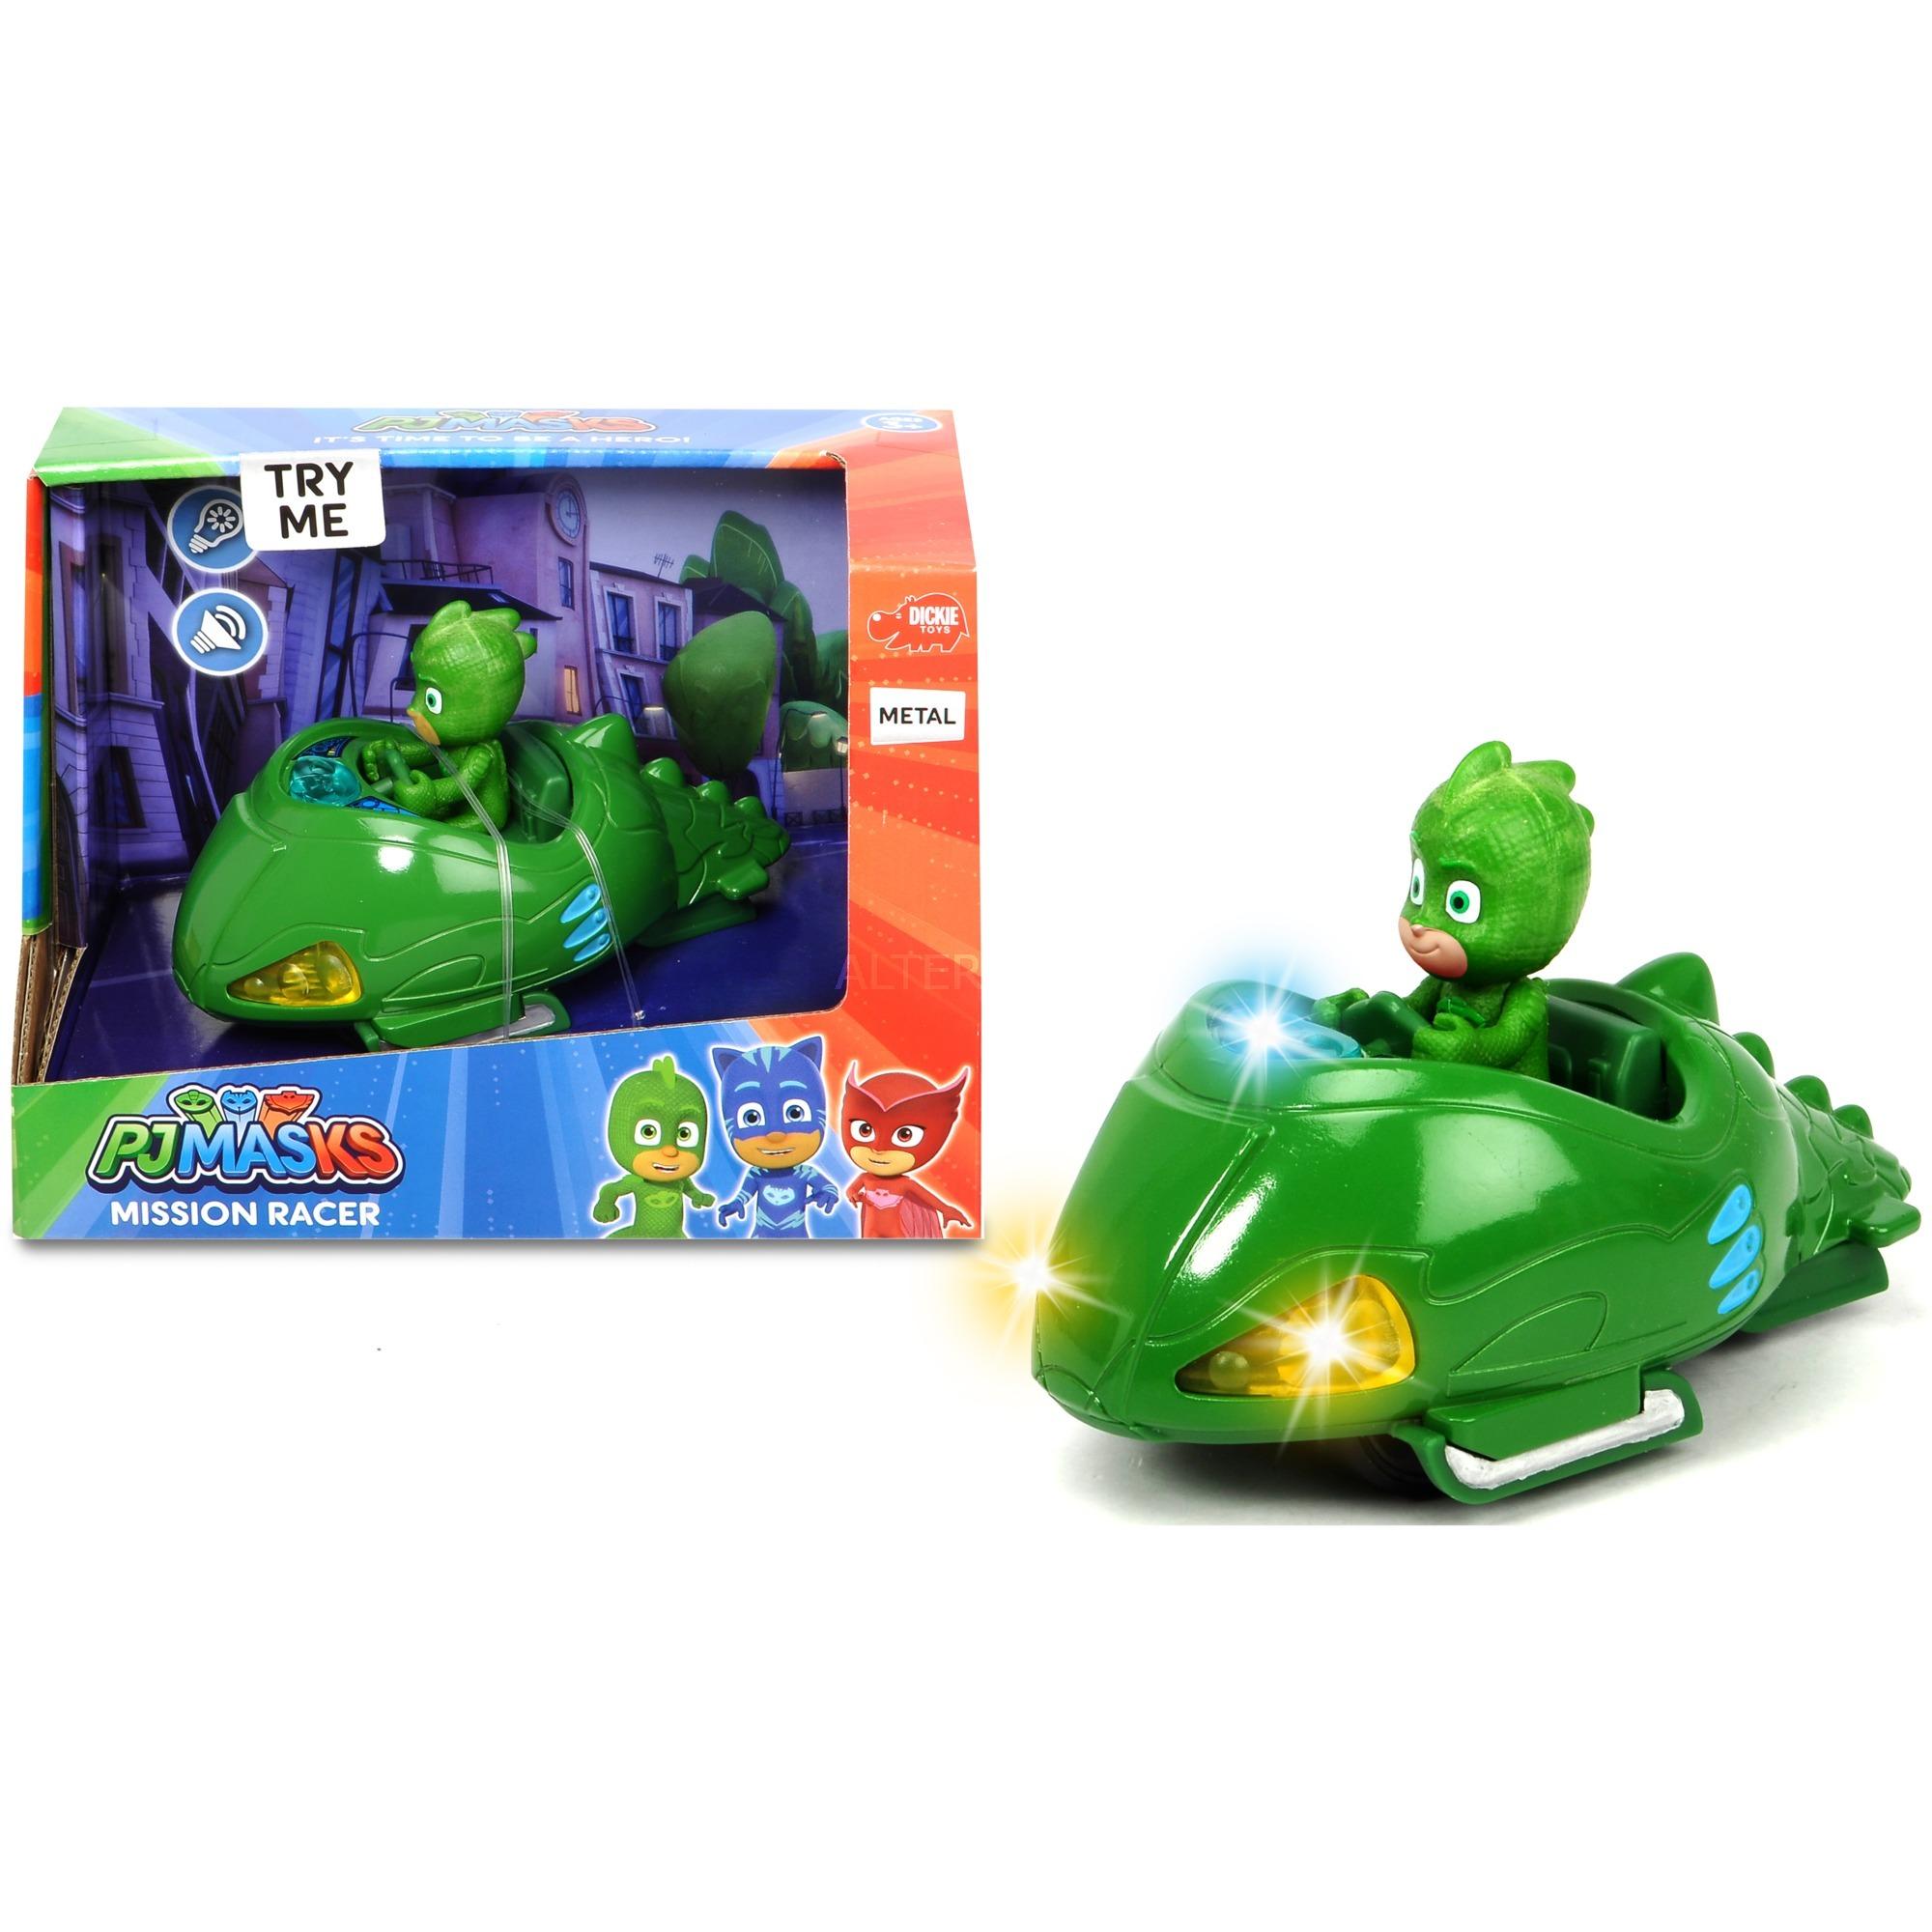 203142001, Vehículo de juguete